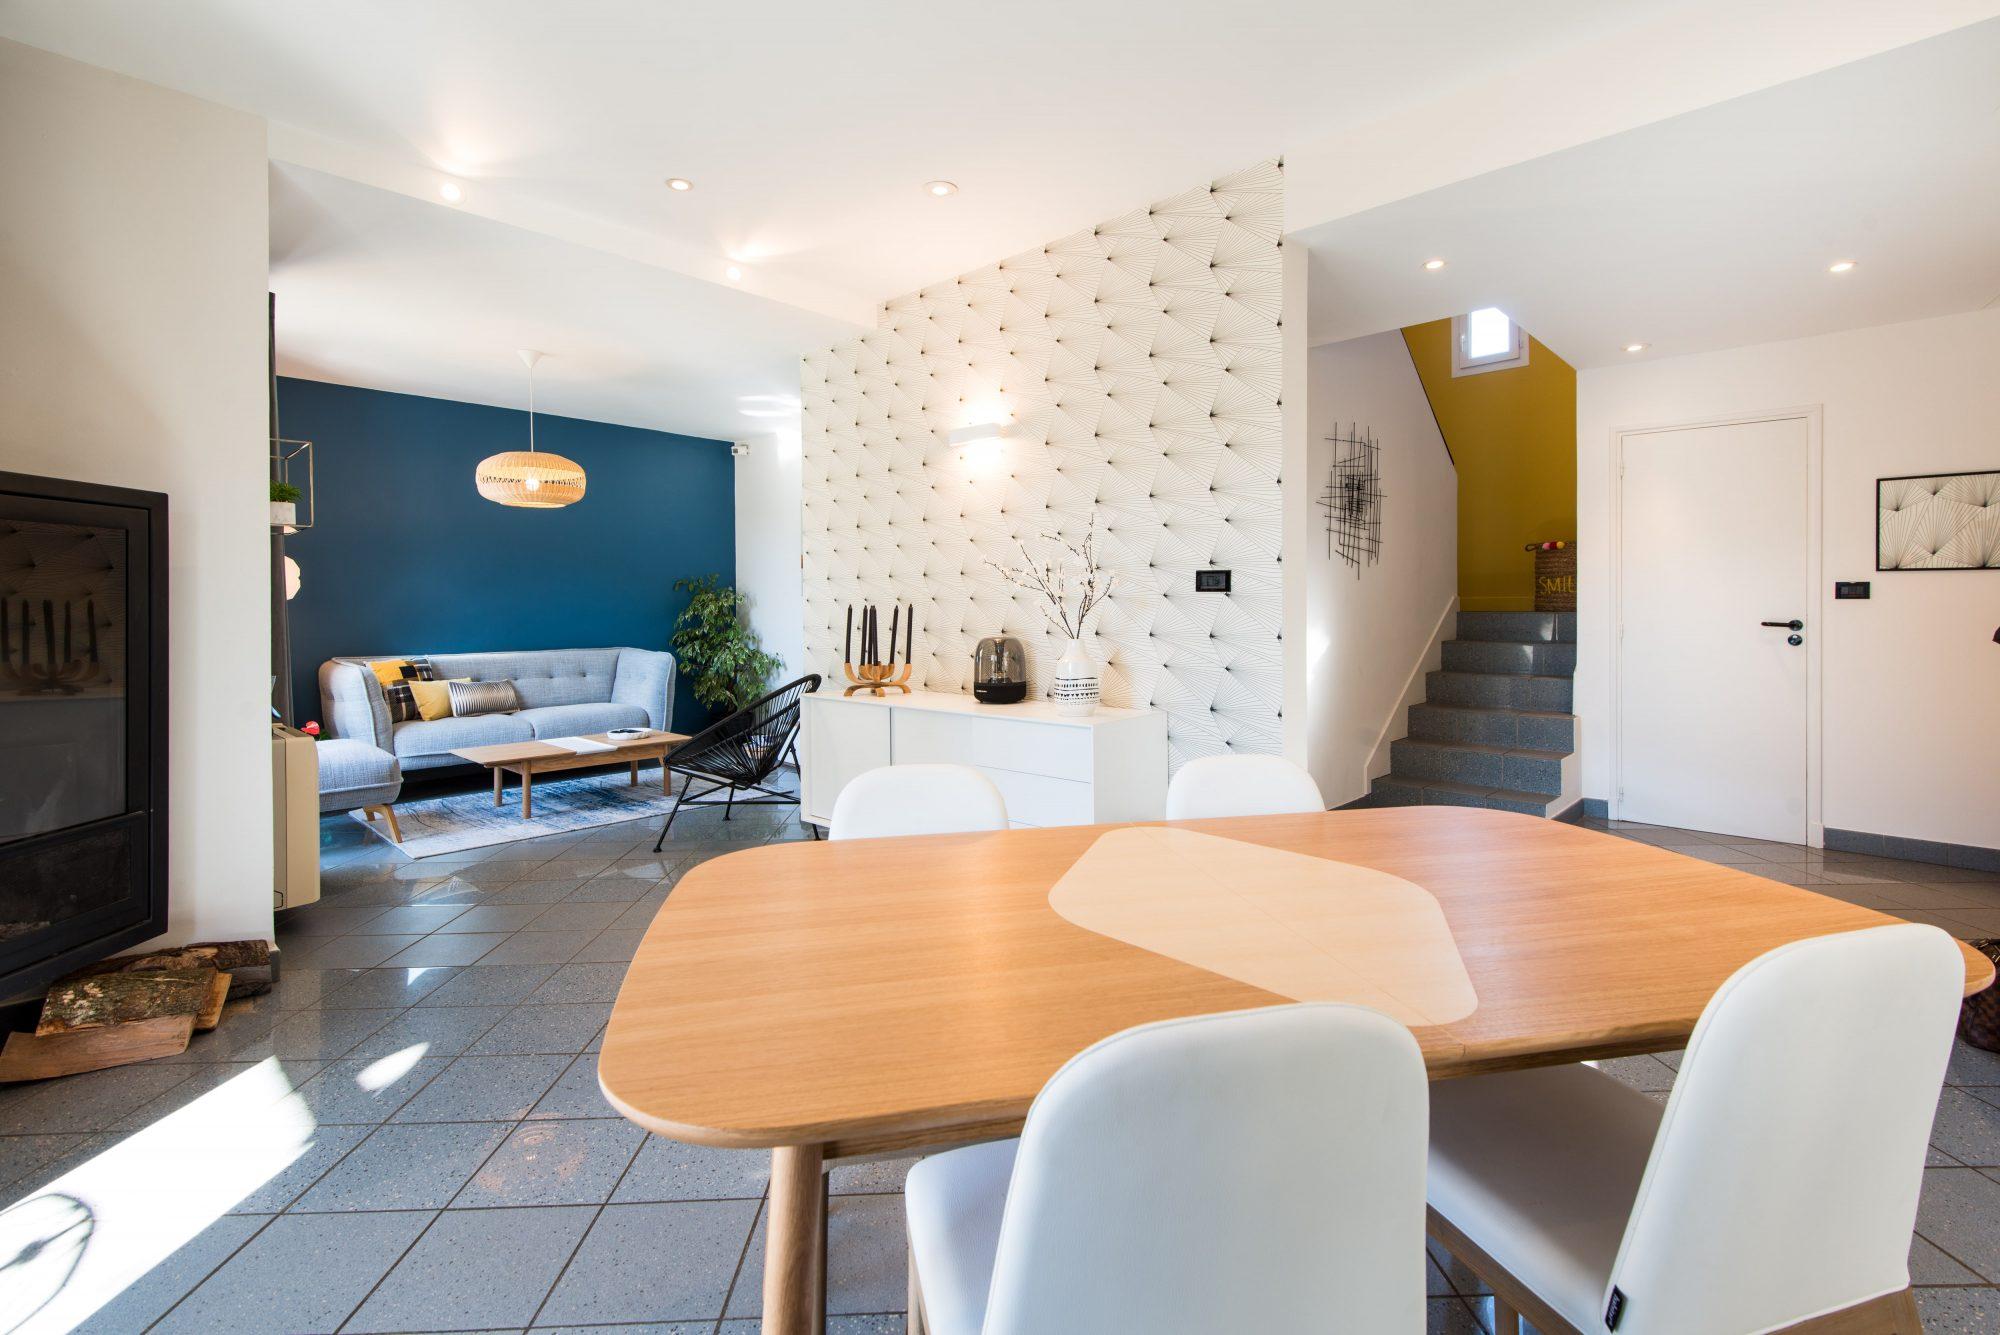 Nouveau look pour une villa gardoise, Les Angles, par Kty.L Décoratrice UFDI Avignon et Nîmes 30 et 84) : vue large sur séjour, salon et entrée